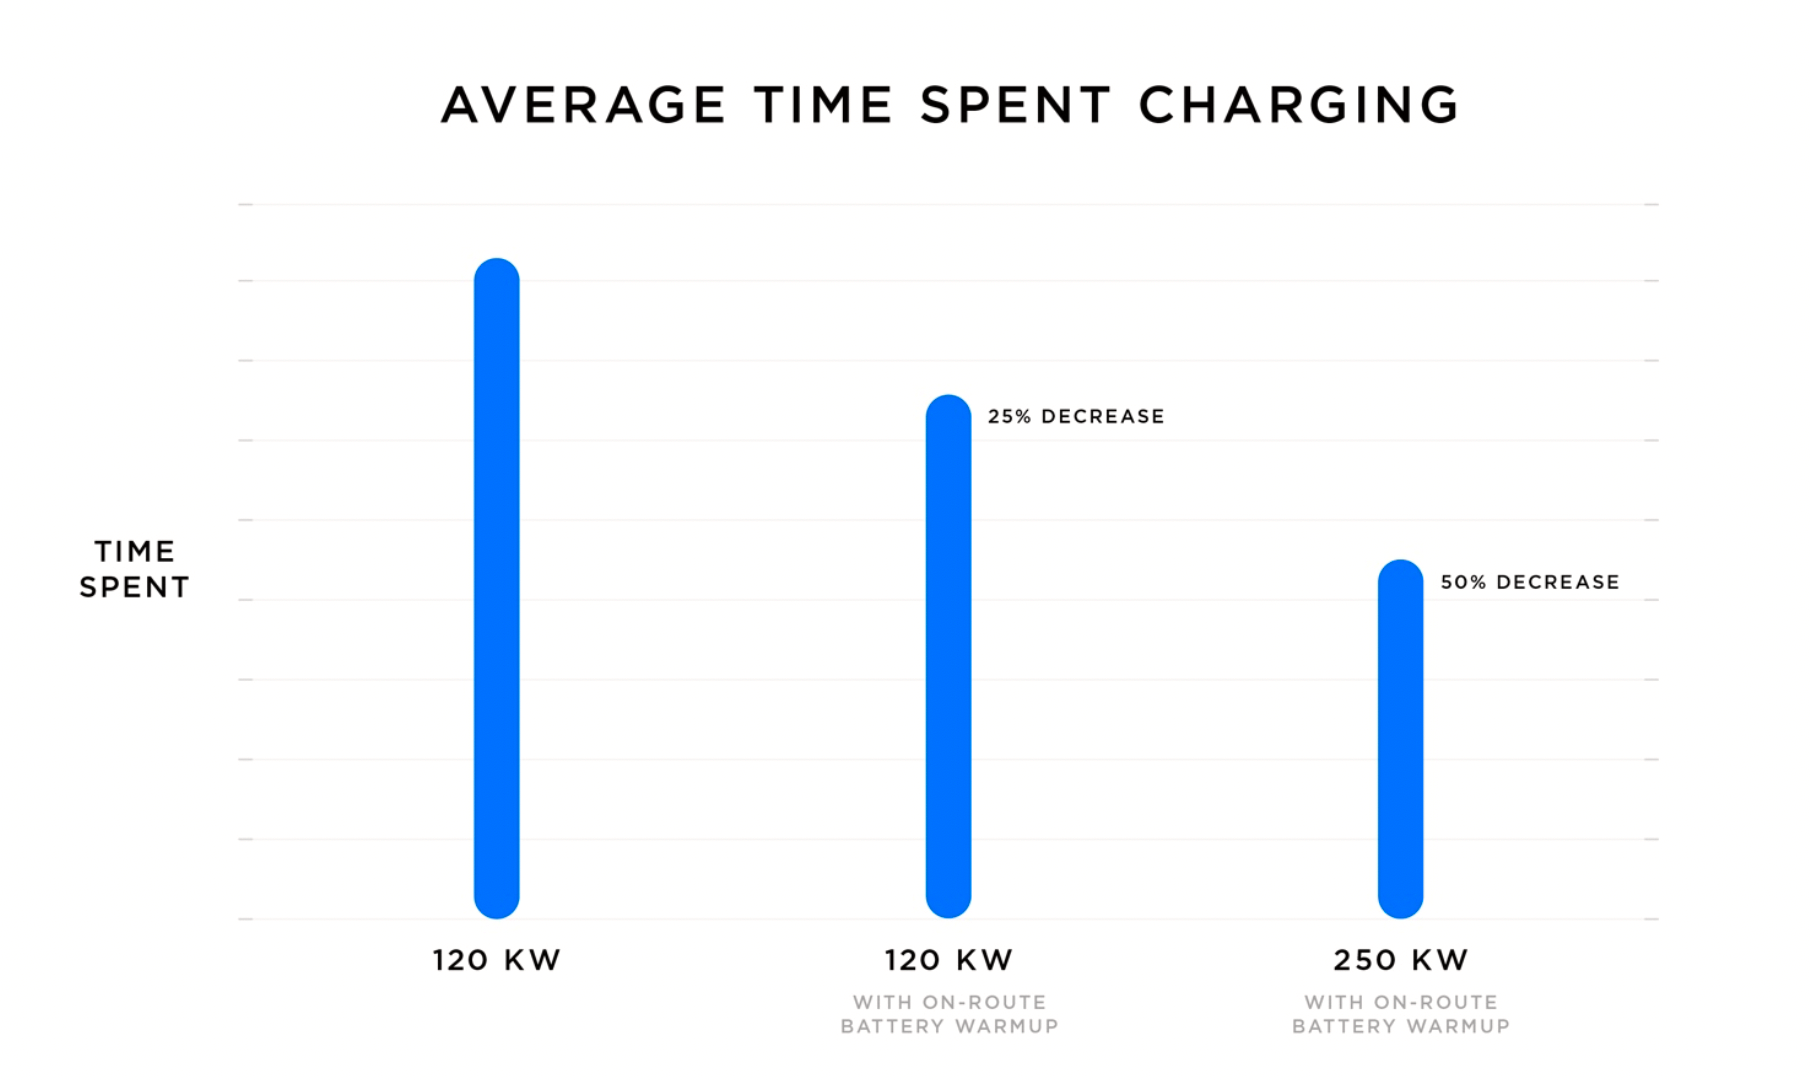 On-Route Battery Warmup skal i seg selv kunne redusere ladetiden med 25 prosent. Kombinert med nye ladere og Supercharger V3 hevder Tesla at ladenettverket deres skal kunne ta imot dobbelt så mange biler i slutten av 2019 som i dag.